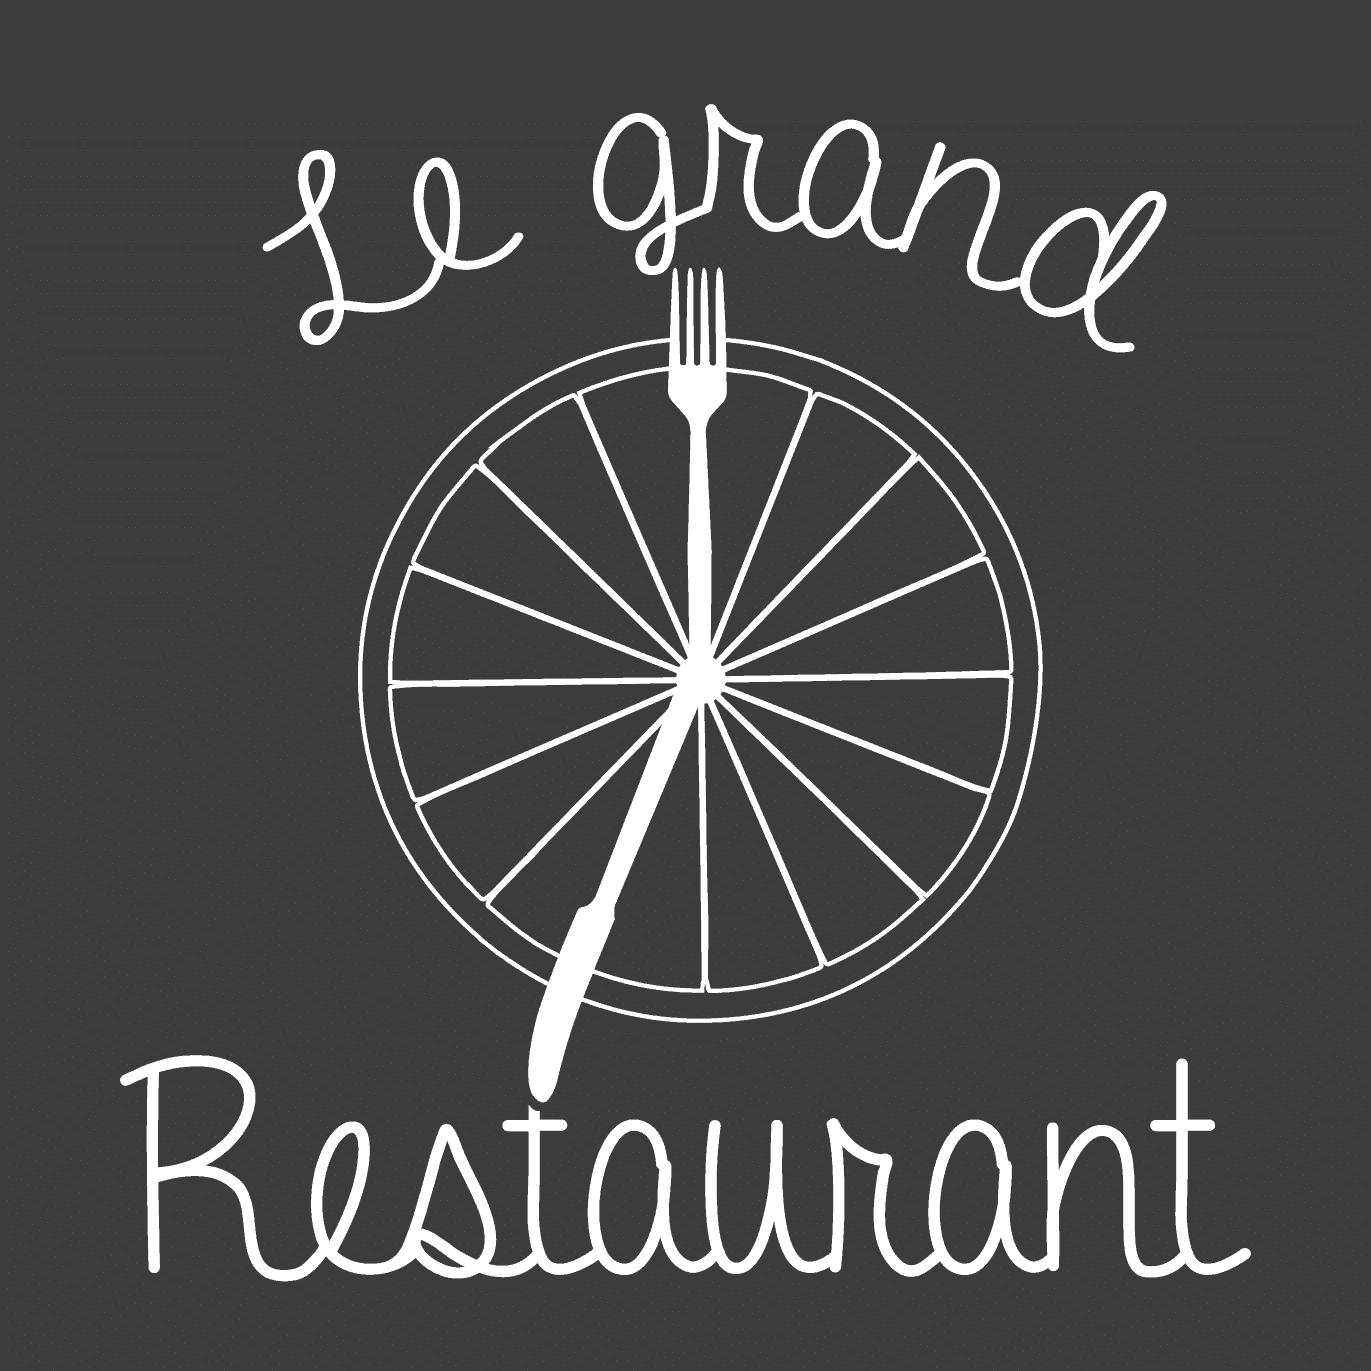 Le Grand Restaurant ouvre ses portes à Arles: livraison à domicile des meilleurs plats made in Arles